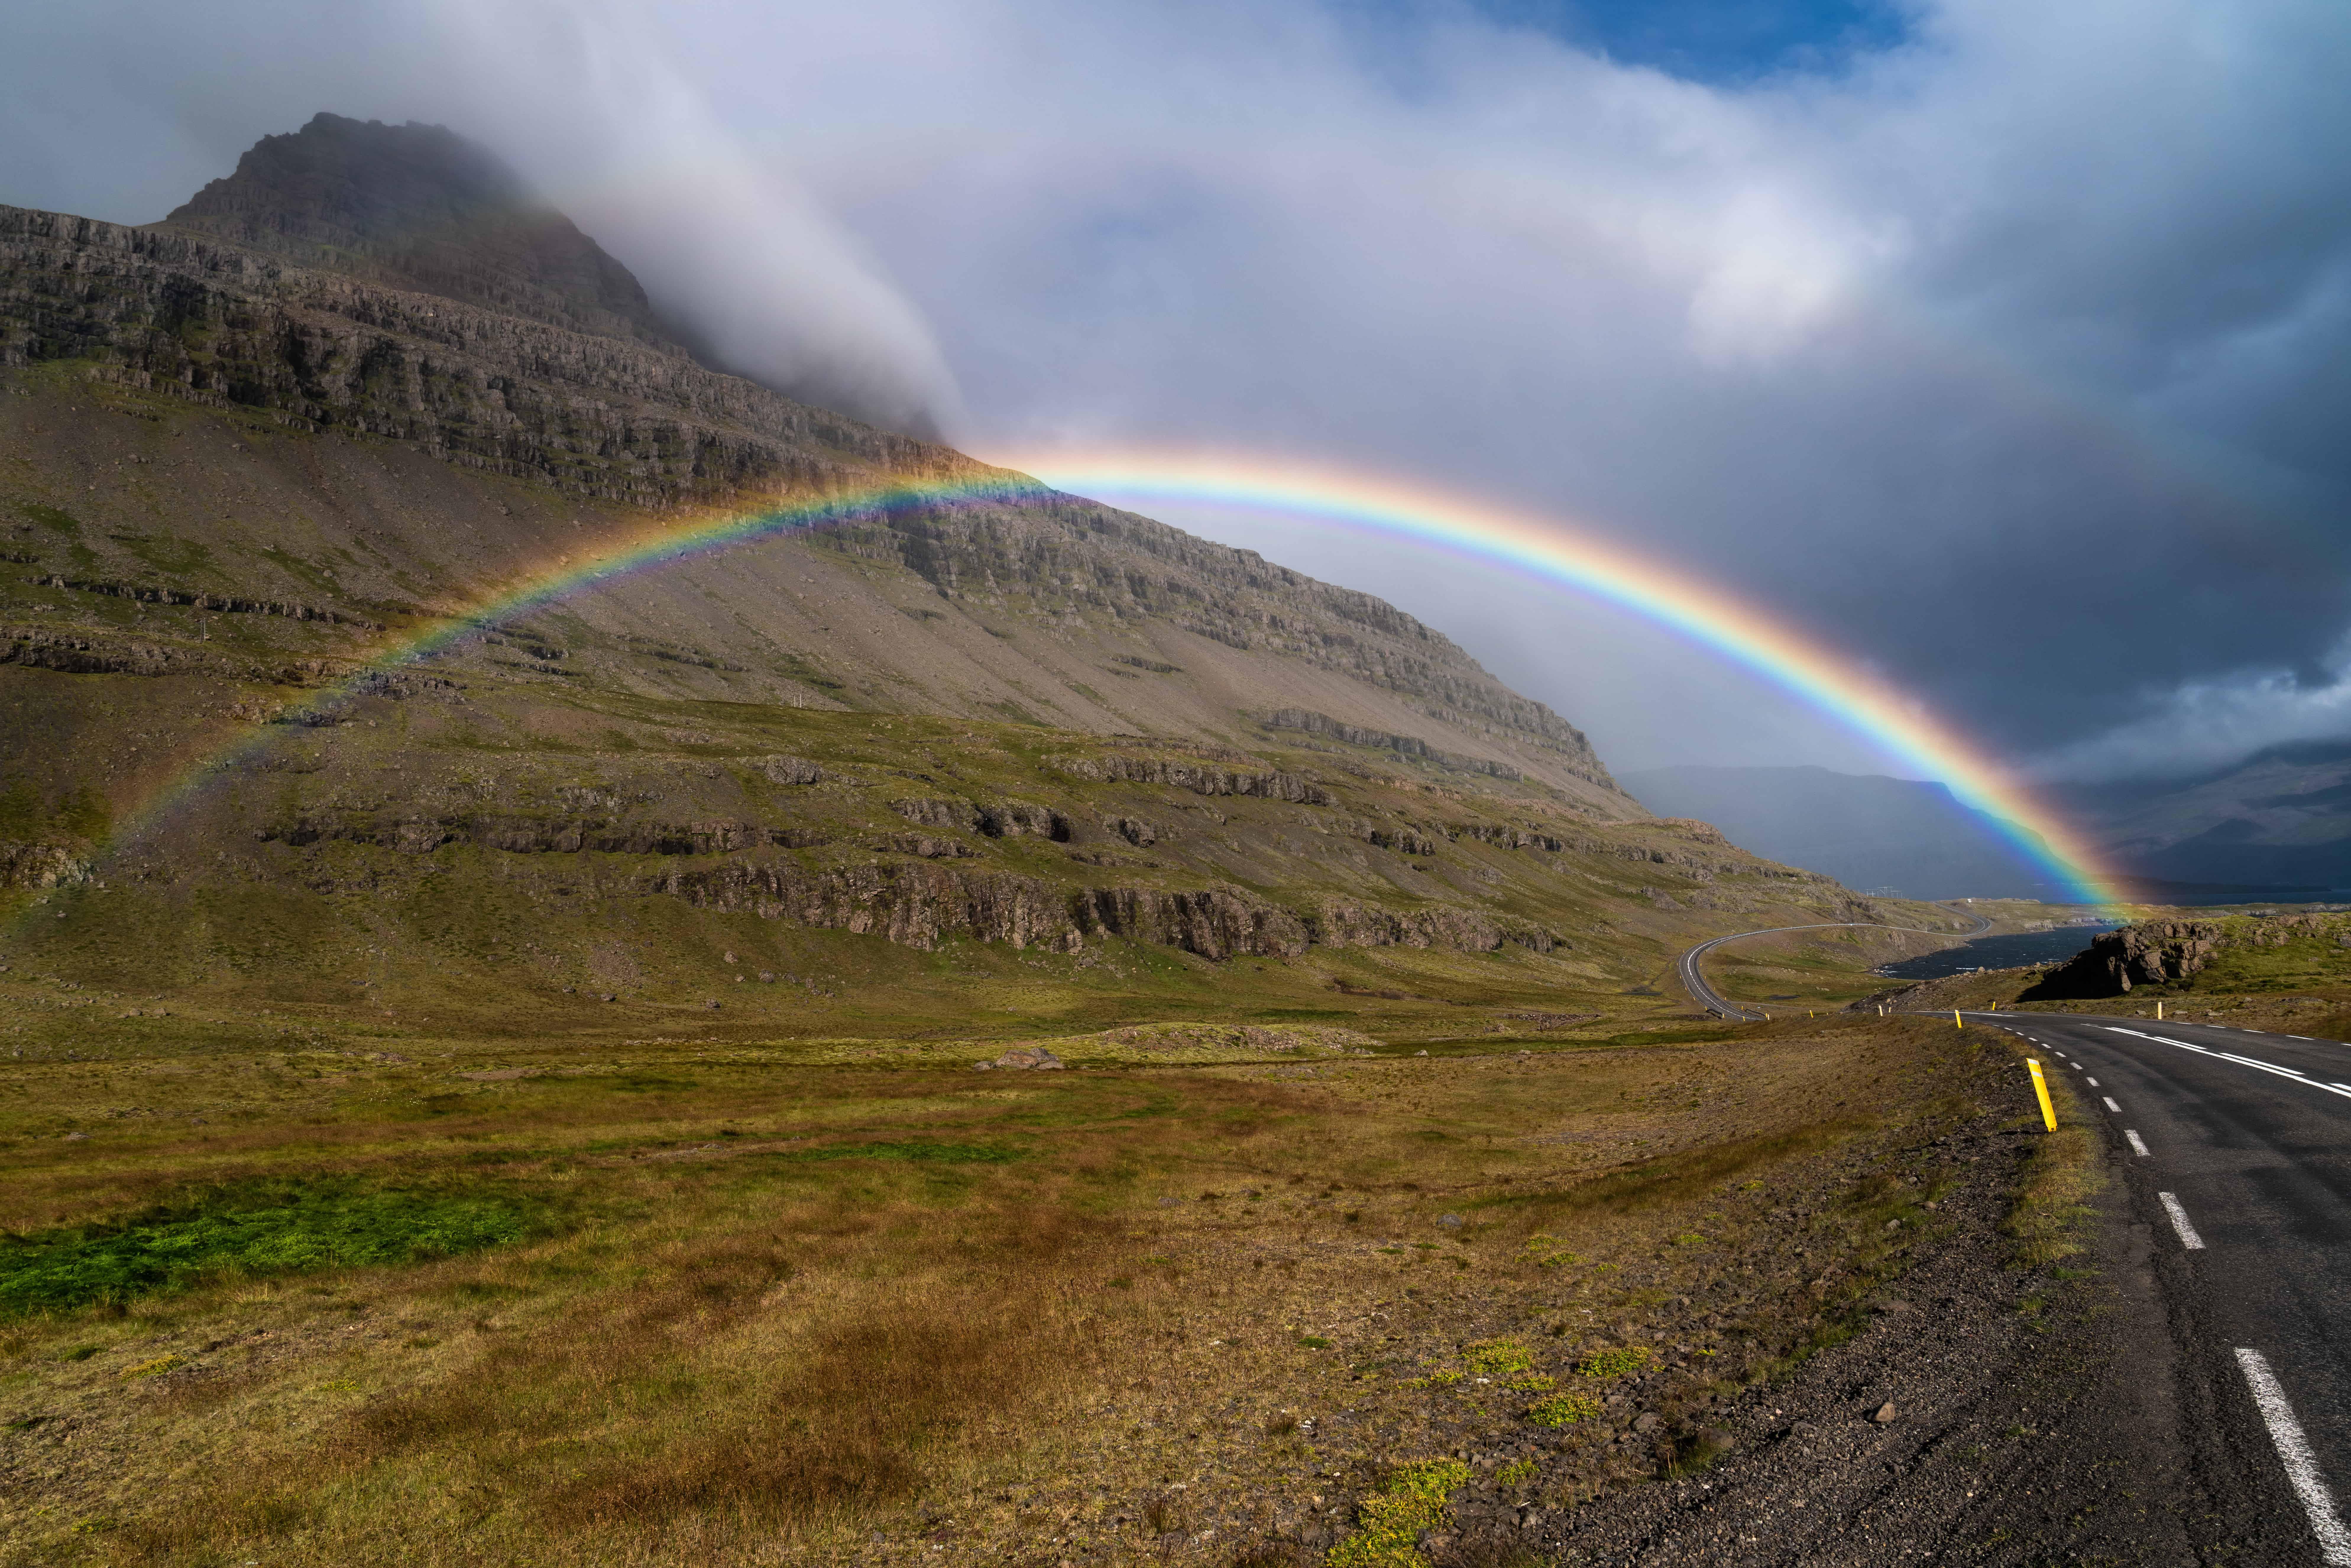 rainbow in Fáskrúðsfjörður village in Eastfjords of Iceland